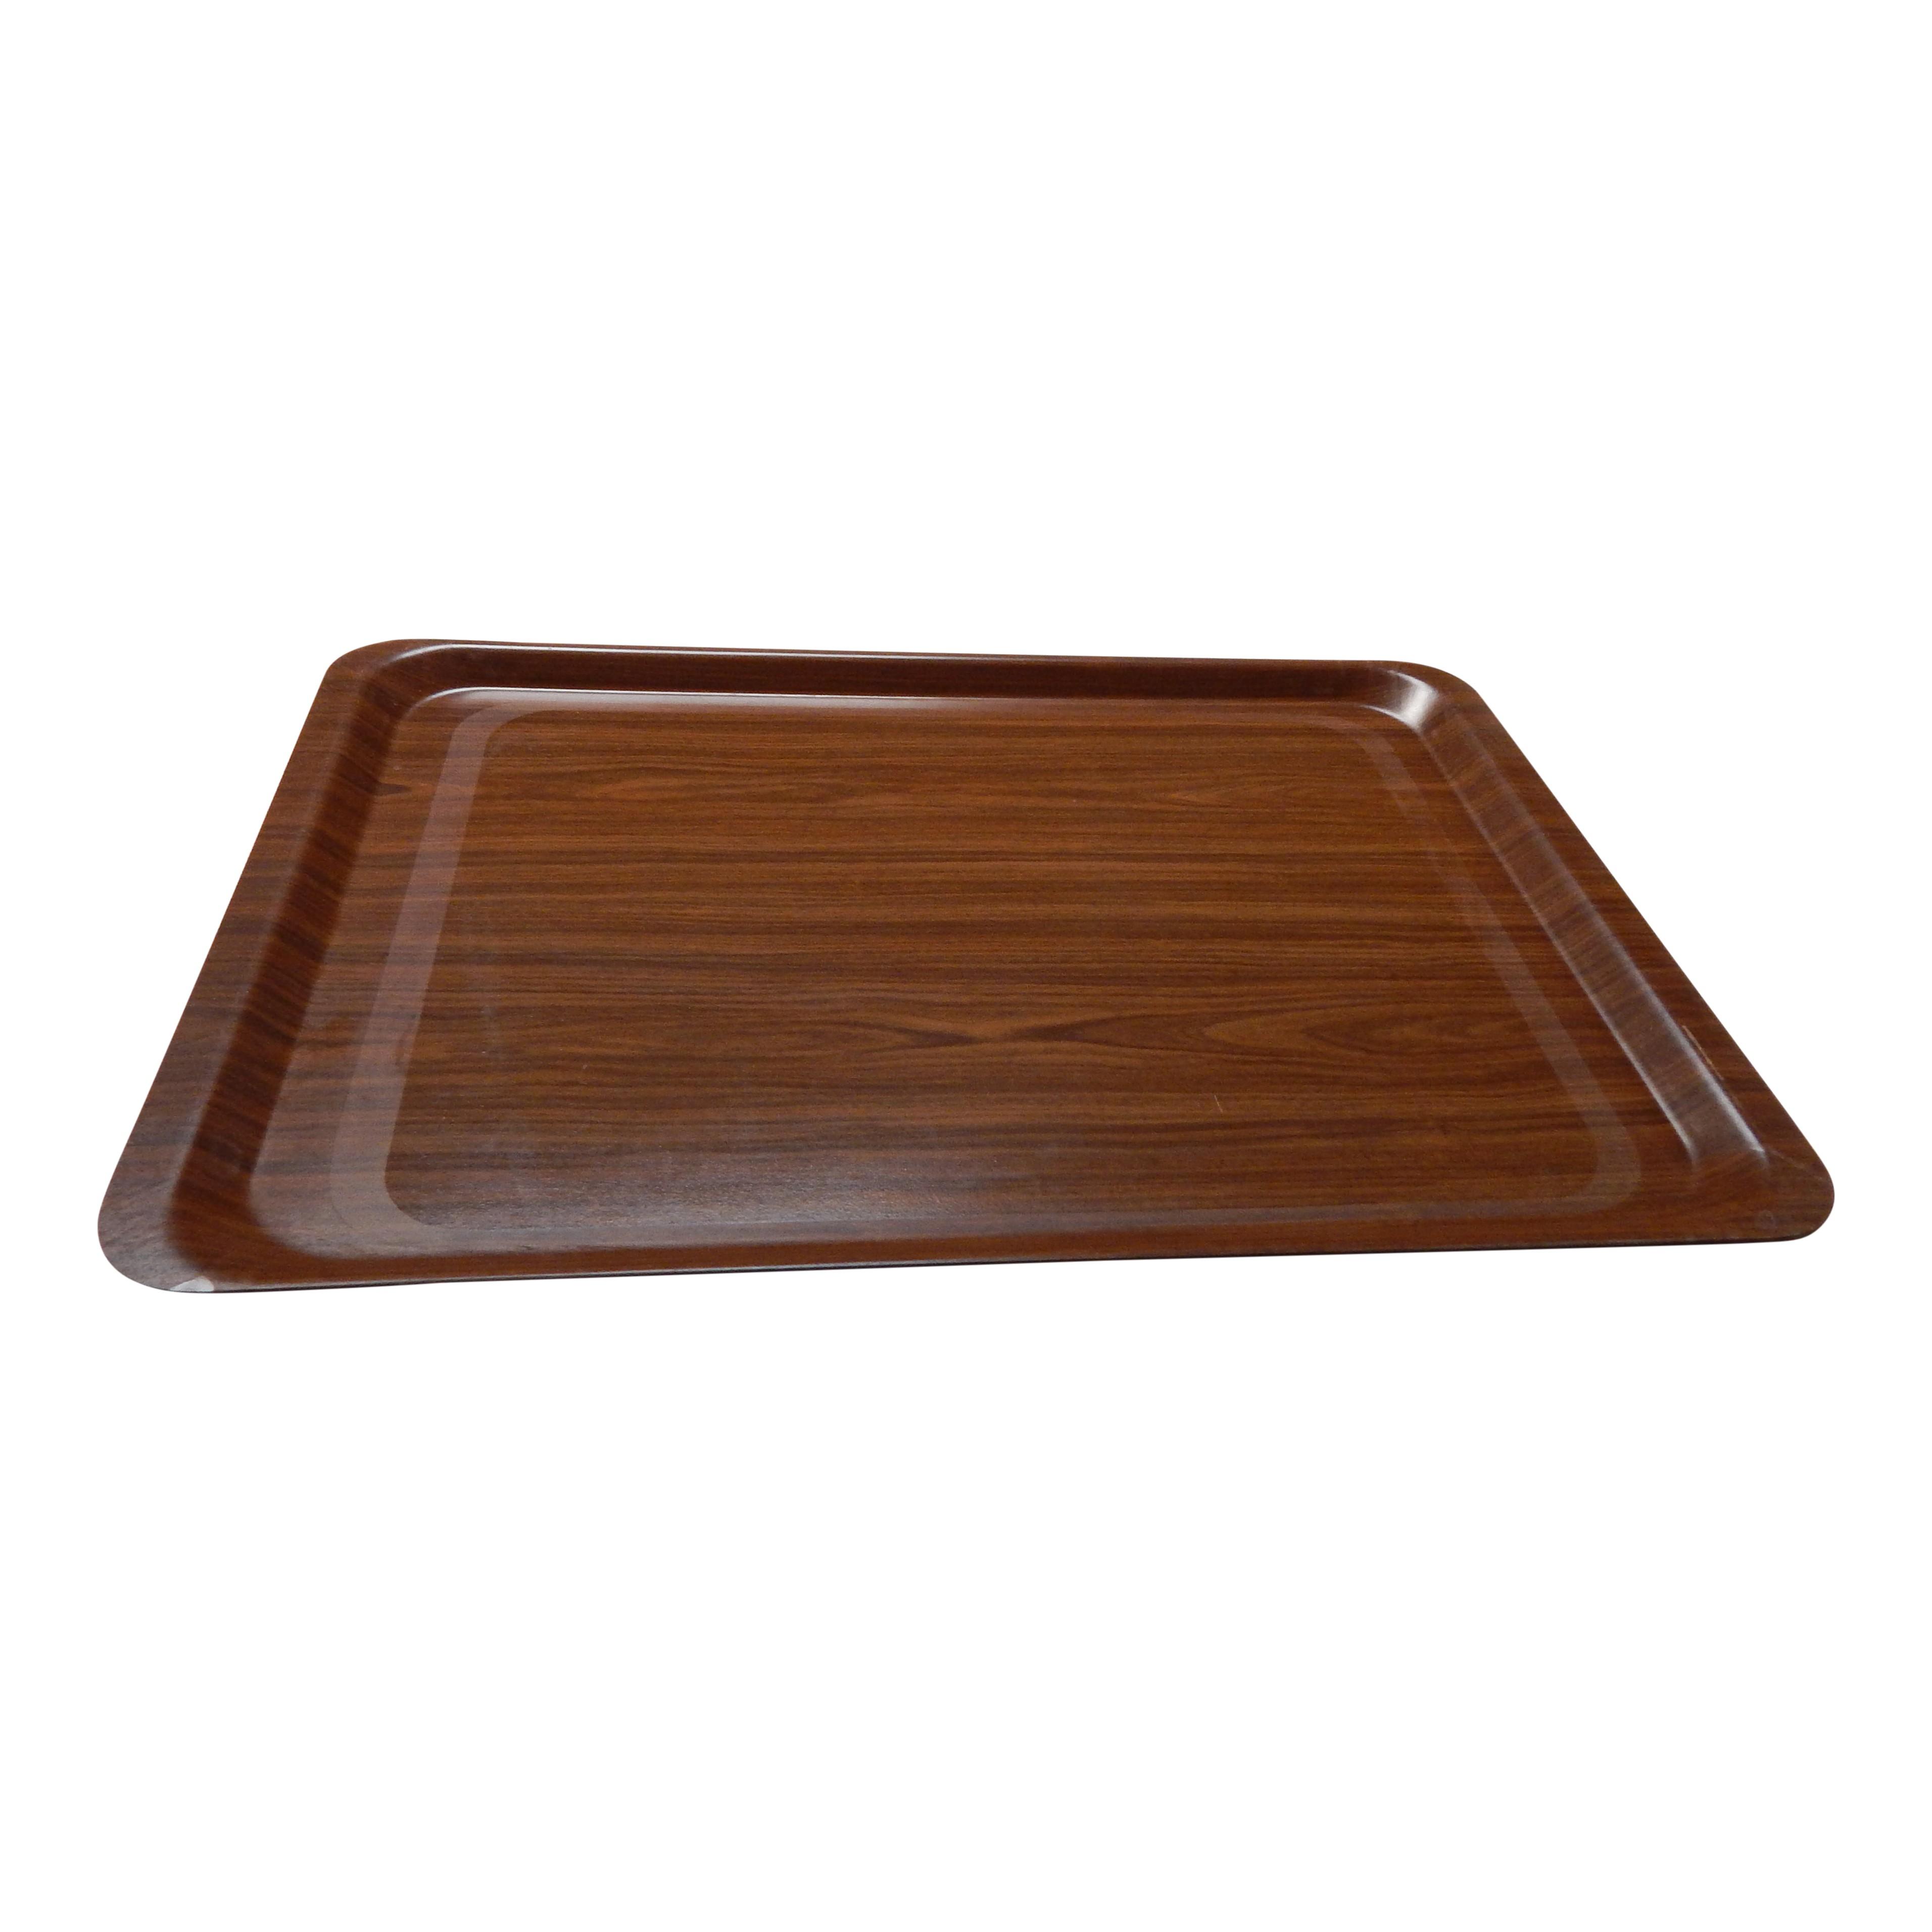 Dienblad 35x25cm houtlook